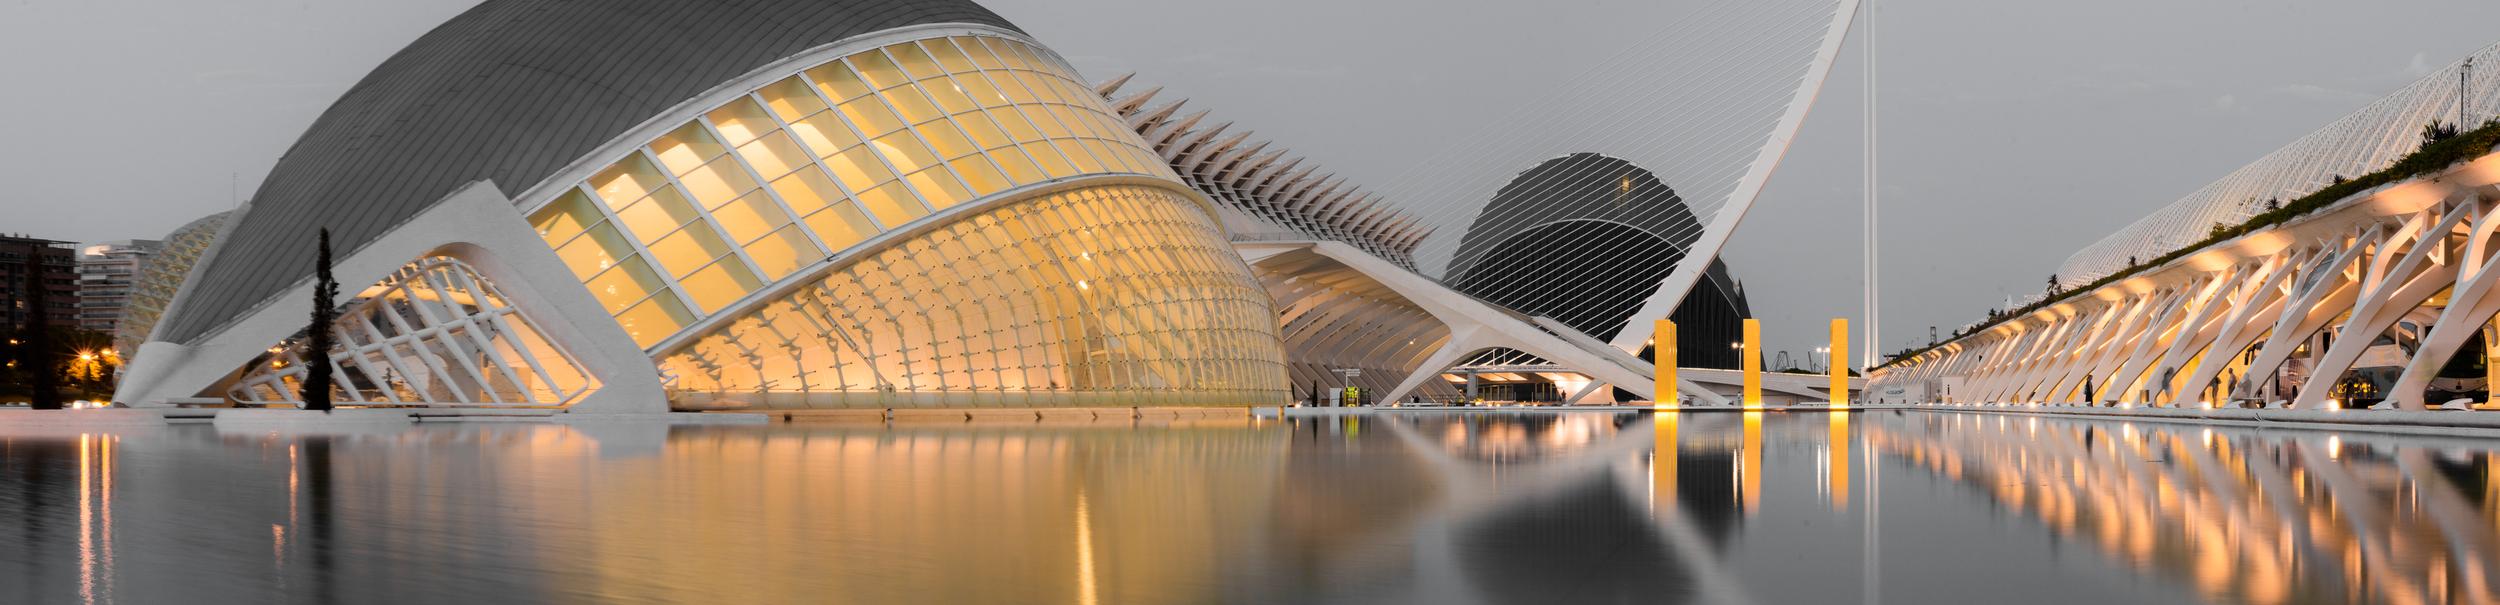 Valencia_021.jpg